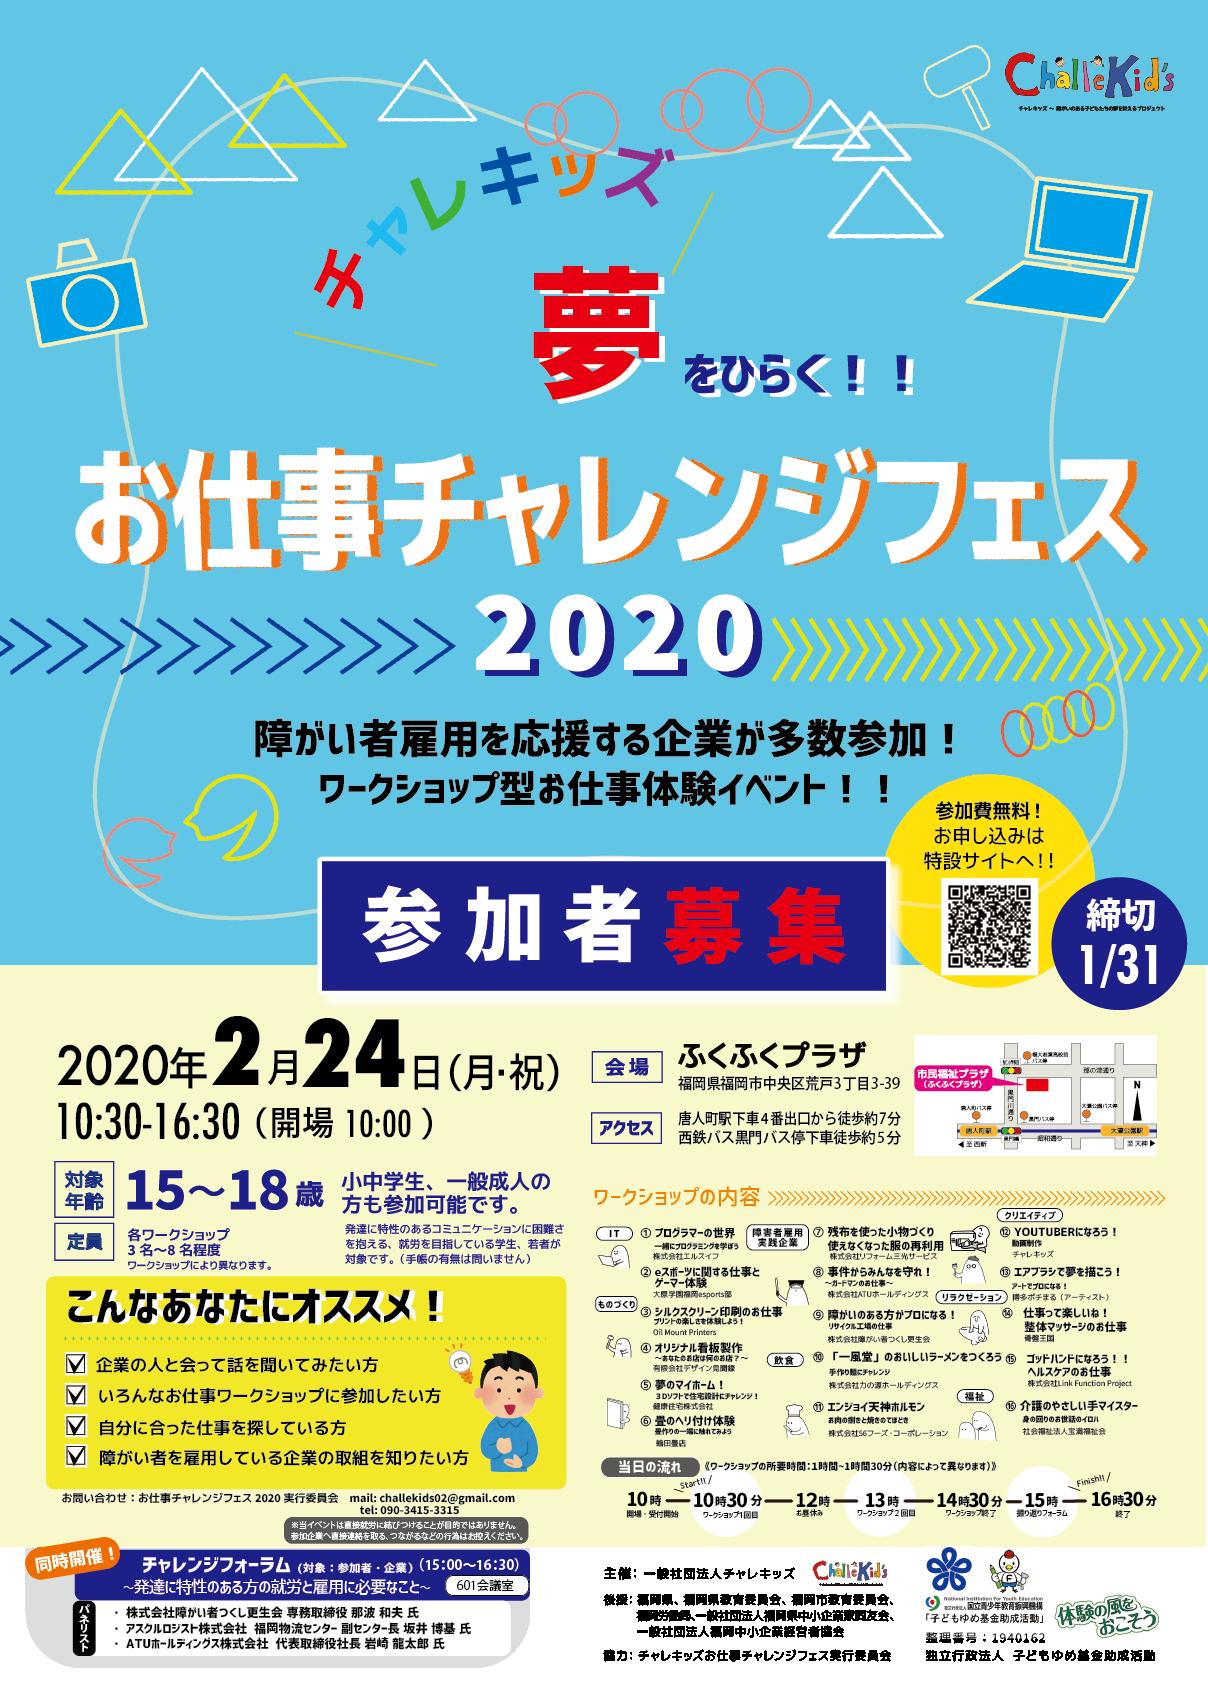 チャレフェスポスター中嶋加筆191208 -01